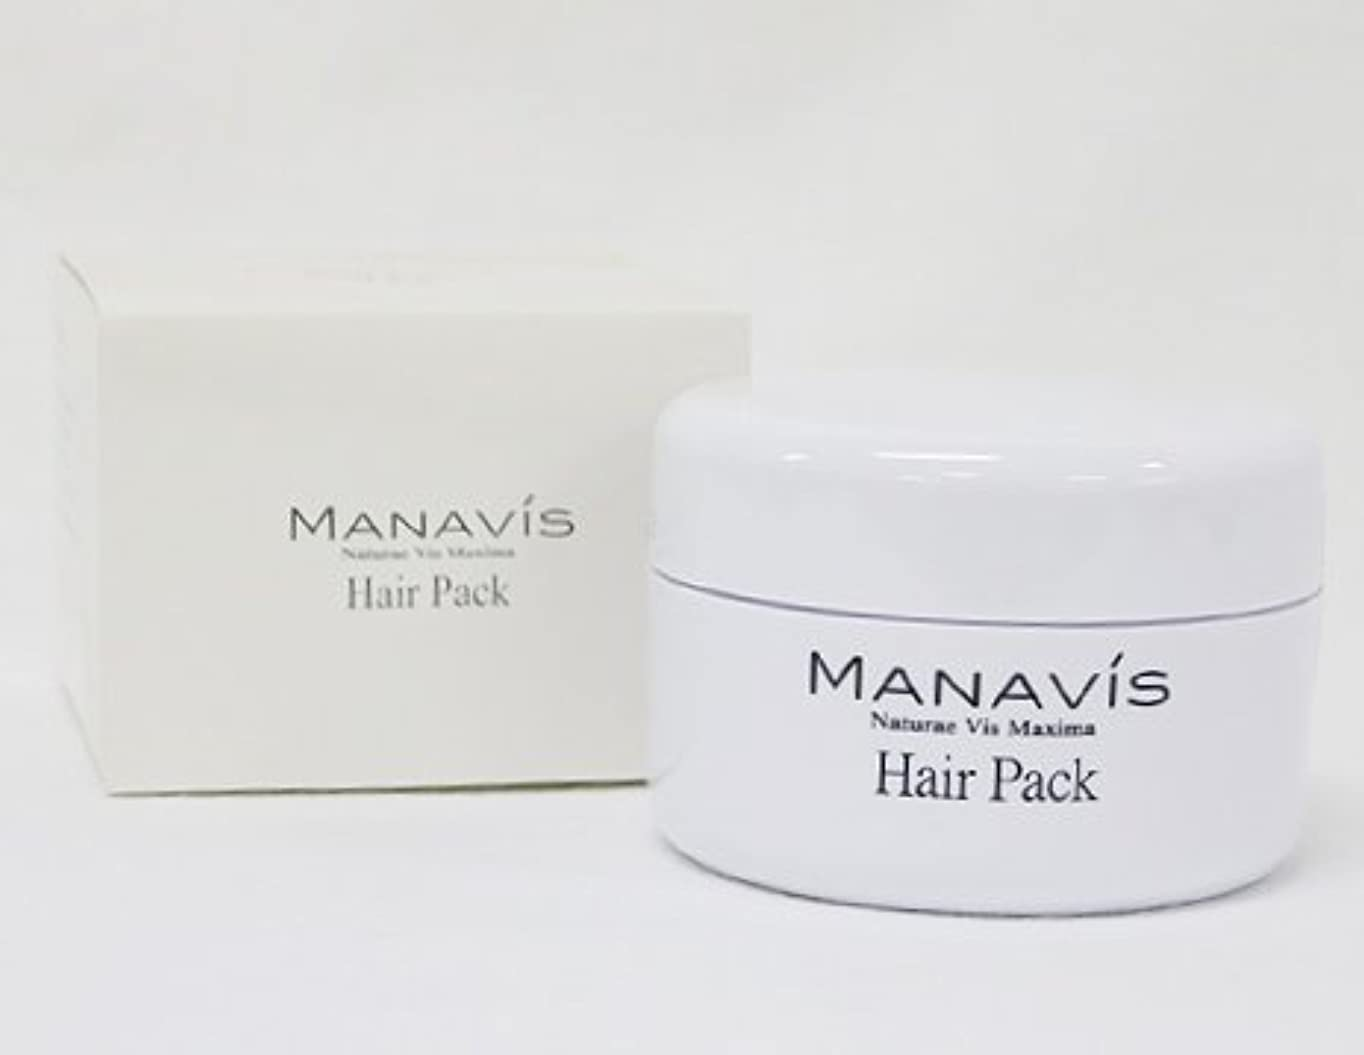 訪問ラリー話MANAVIS マナビス化粧品 マナビス ヘアパック  (洗い流すタイプ)